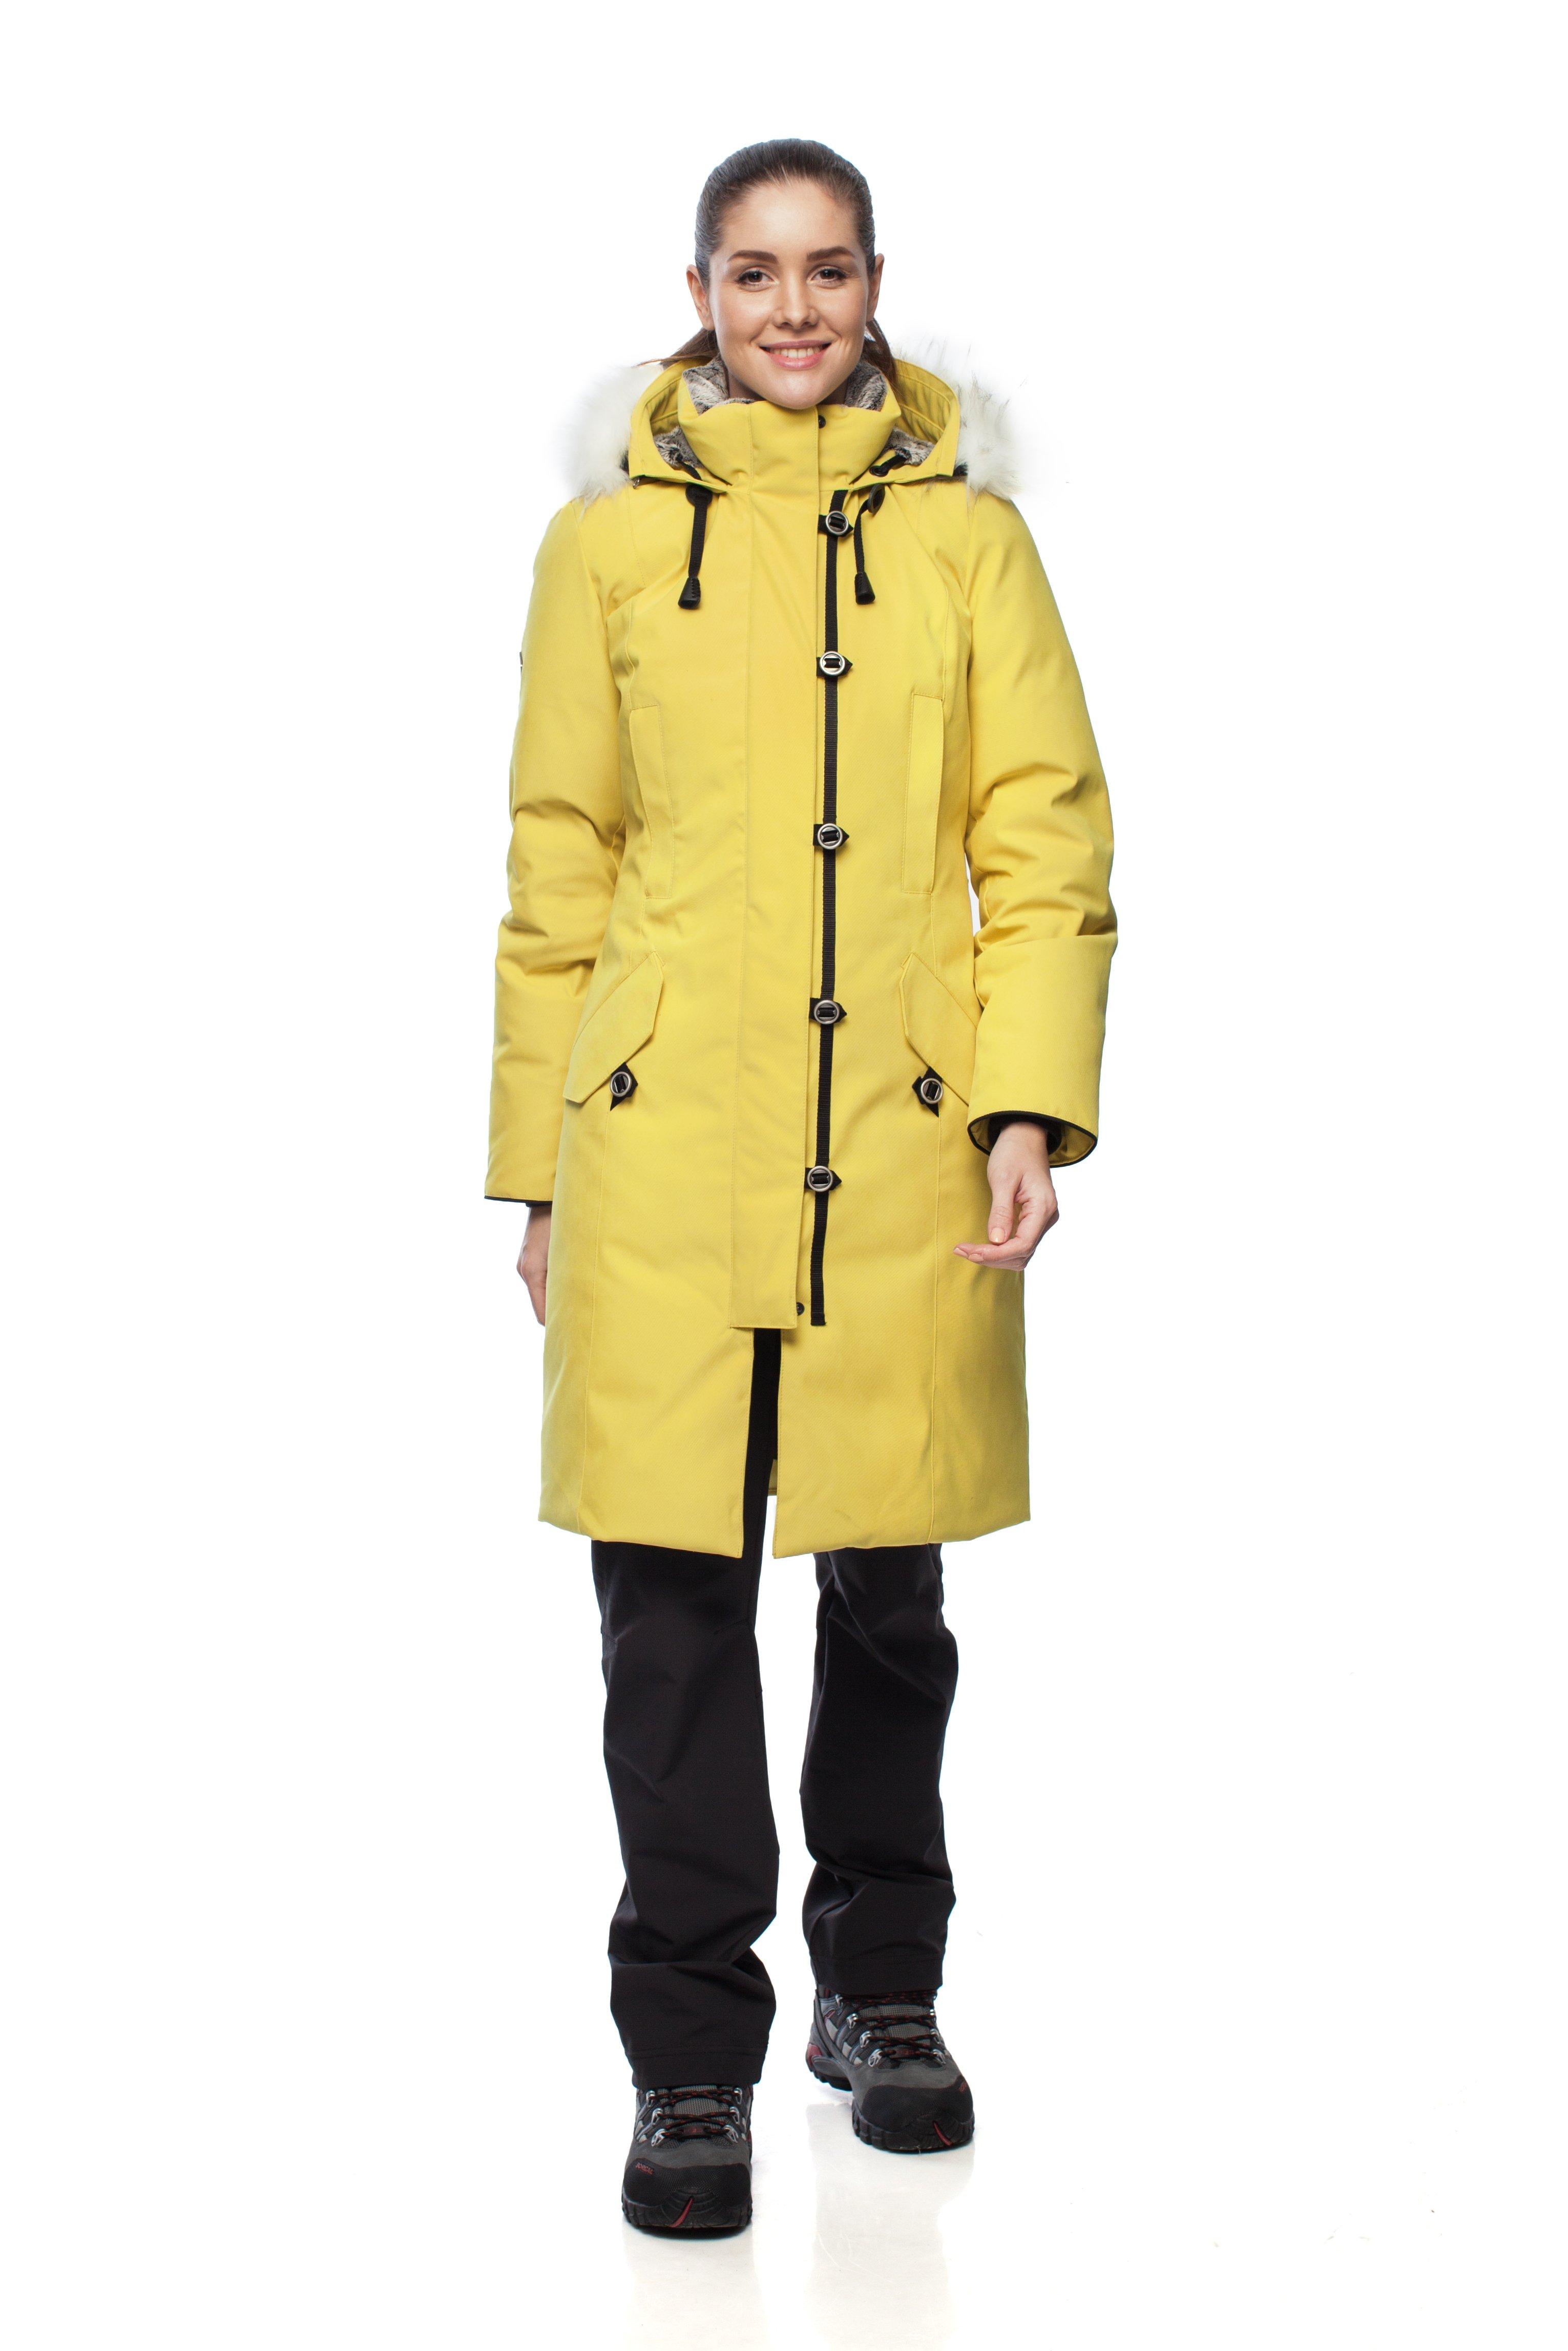 Пуховое пальто BASK HATANGA LADY 1464Куртки<br><br><br>&quot;Дышащие&quot; свойства: Да<br>Верхняя ткань: Advance®Alaska<br>Вес граммы: 1720<br>Вес утеплителя: 550<br>Ветро-влагозащитные свойства верхней ткани: Да<br>Ветрозащитная планка: Да<br>Ветрозащитная юбка: Нет<br>Влагозащитные молнии: Нет<br>Внутренние манжеты: Да<br>Внутренняя ткань: Advance® Classic<br>Водонепроницаемость: 5000<br>Дублирующий центральную молнию клапан: Да<br>Защитный козырёк капюшона: Нет<br>Капюшон: Несъемный<br>Карман для средств связи: Нет<br>Количество внешних карманов: 4<br>Количество внутренних карманов: 2<br>Коллекция: Pole to Pole<br>Мембрана: Да<br>Объемный крой локтевой зоны: Да<br>Отстёгивающиеся рукава: Нет<br>Паропроницаемость: 5000<br>Показатель Fill Power (для пуховых изделий): 650<br>Пол: Женский<br>Проклейка швов: Нет<br>Регулировка манжетов рукавов: Нет<br>Регулировка низа: Нет<br>Регулировка объёма капюшона: Да<br>Регулировка талии: Да<br>Регулируемые вентиляционные отверстия: Нет<br>Температурный режим: -25<br>Технология Thermal Welding: Нет<br>Технология швов: Простые<br>Тип молнии: Двухзамковая<br>Тип утеплителя: Натуральный<br>Ткань усиления: Нет<br>Усиление контактных зон: Нет<br>Утеплитель: Гусиный пух<br>Размер RU: 42<br>Цвет: ОРАНЖЕВЫЙ